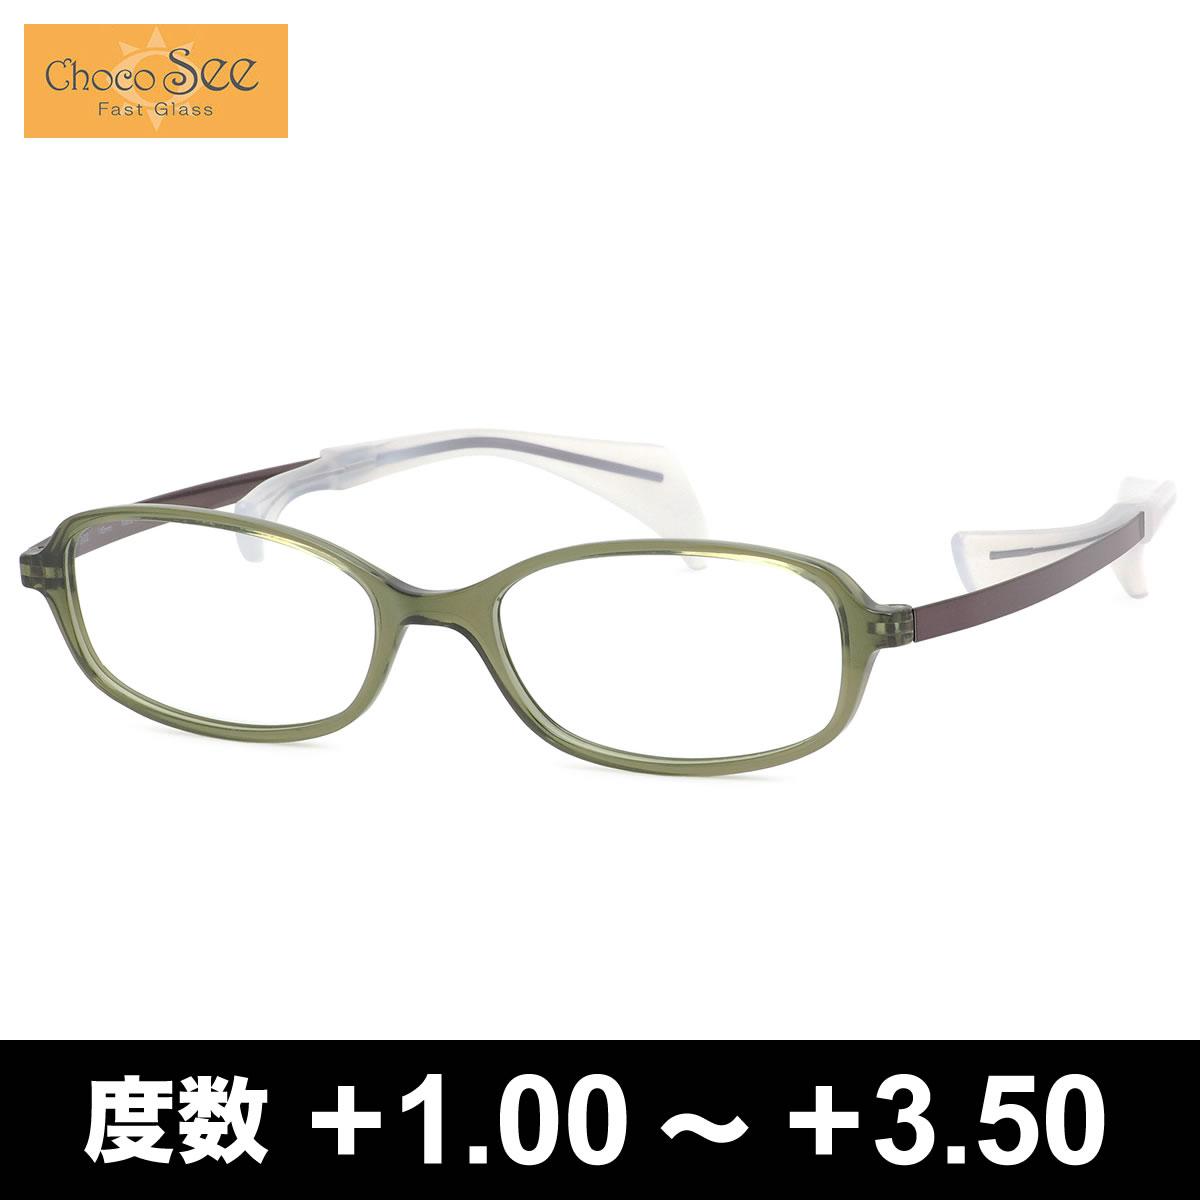 ほぼ全品ポイント15倍〜最大43倍!お得なクーポンも! ちょこシー スマート老眼鏡 +1.00〜+3.50 非球面 紫外線カットブルーライトカット ChocoSee FG24503 KH 50サイズ  鼻に跡がつかないメガネ チョコシー ちょこしー ベータチタン リーディンググラス [OS]